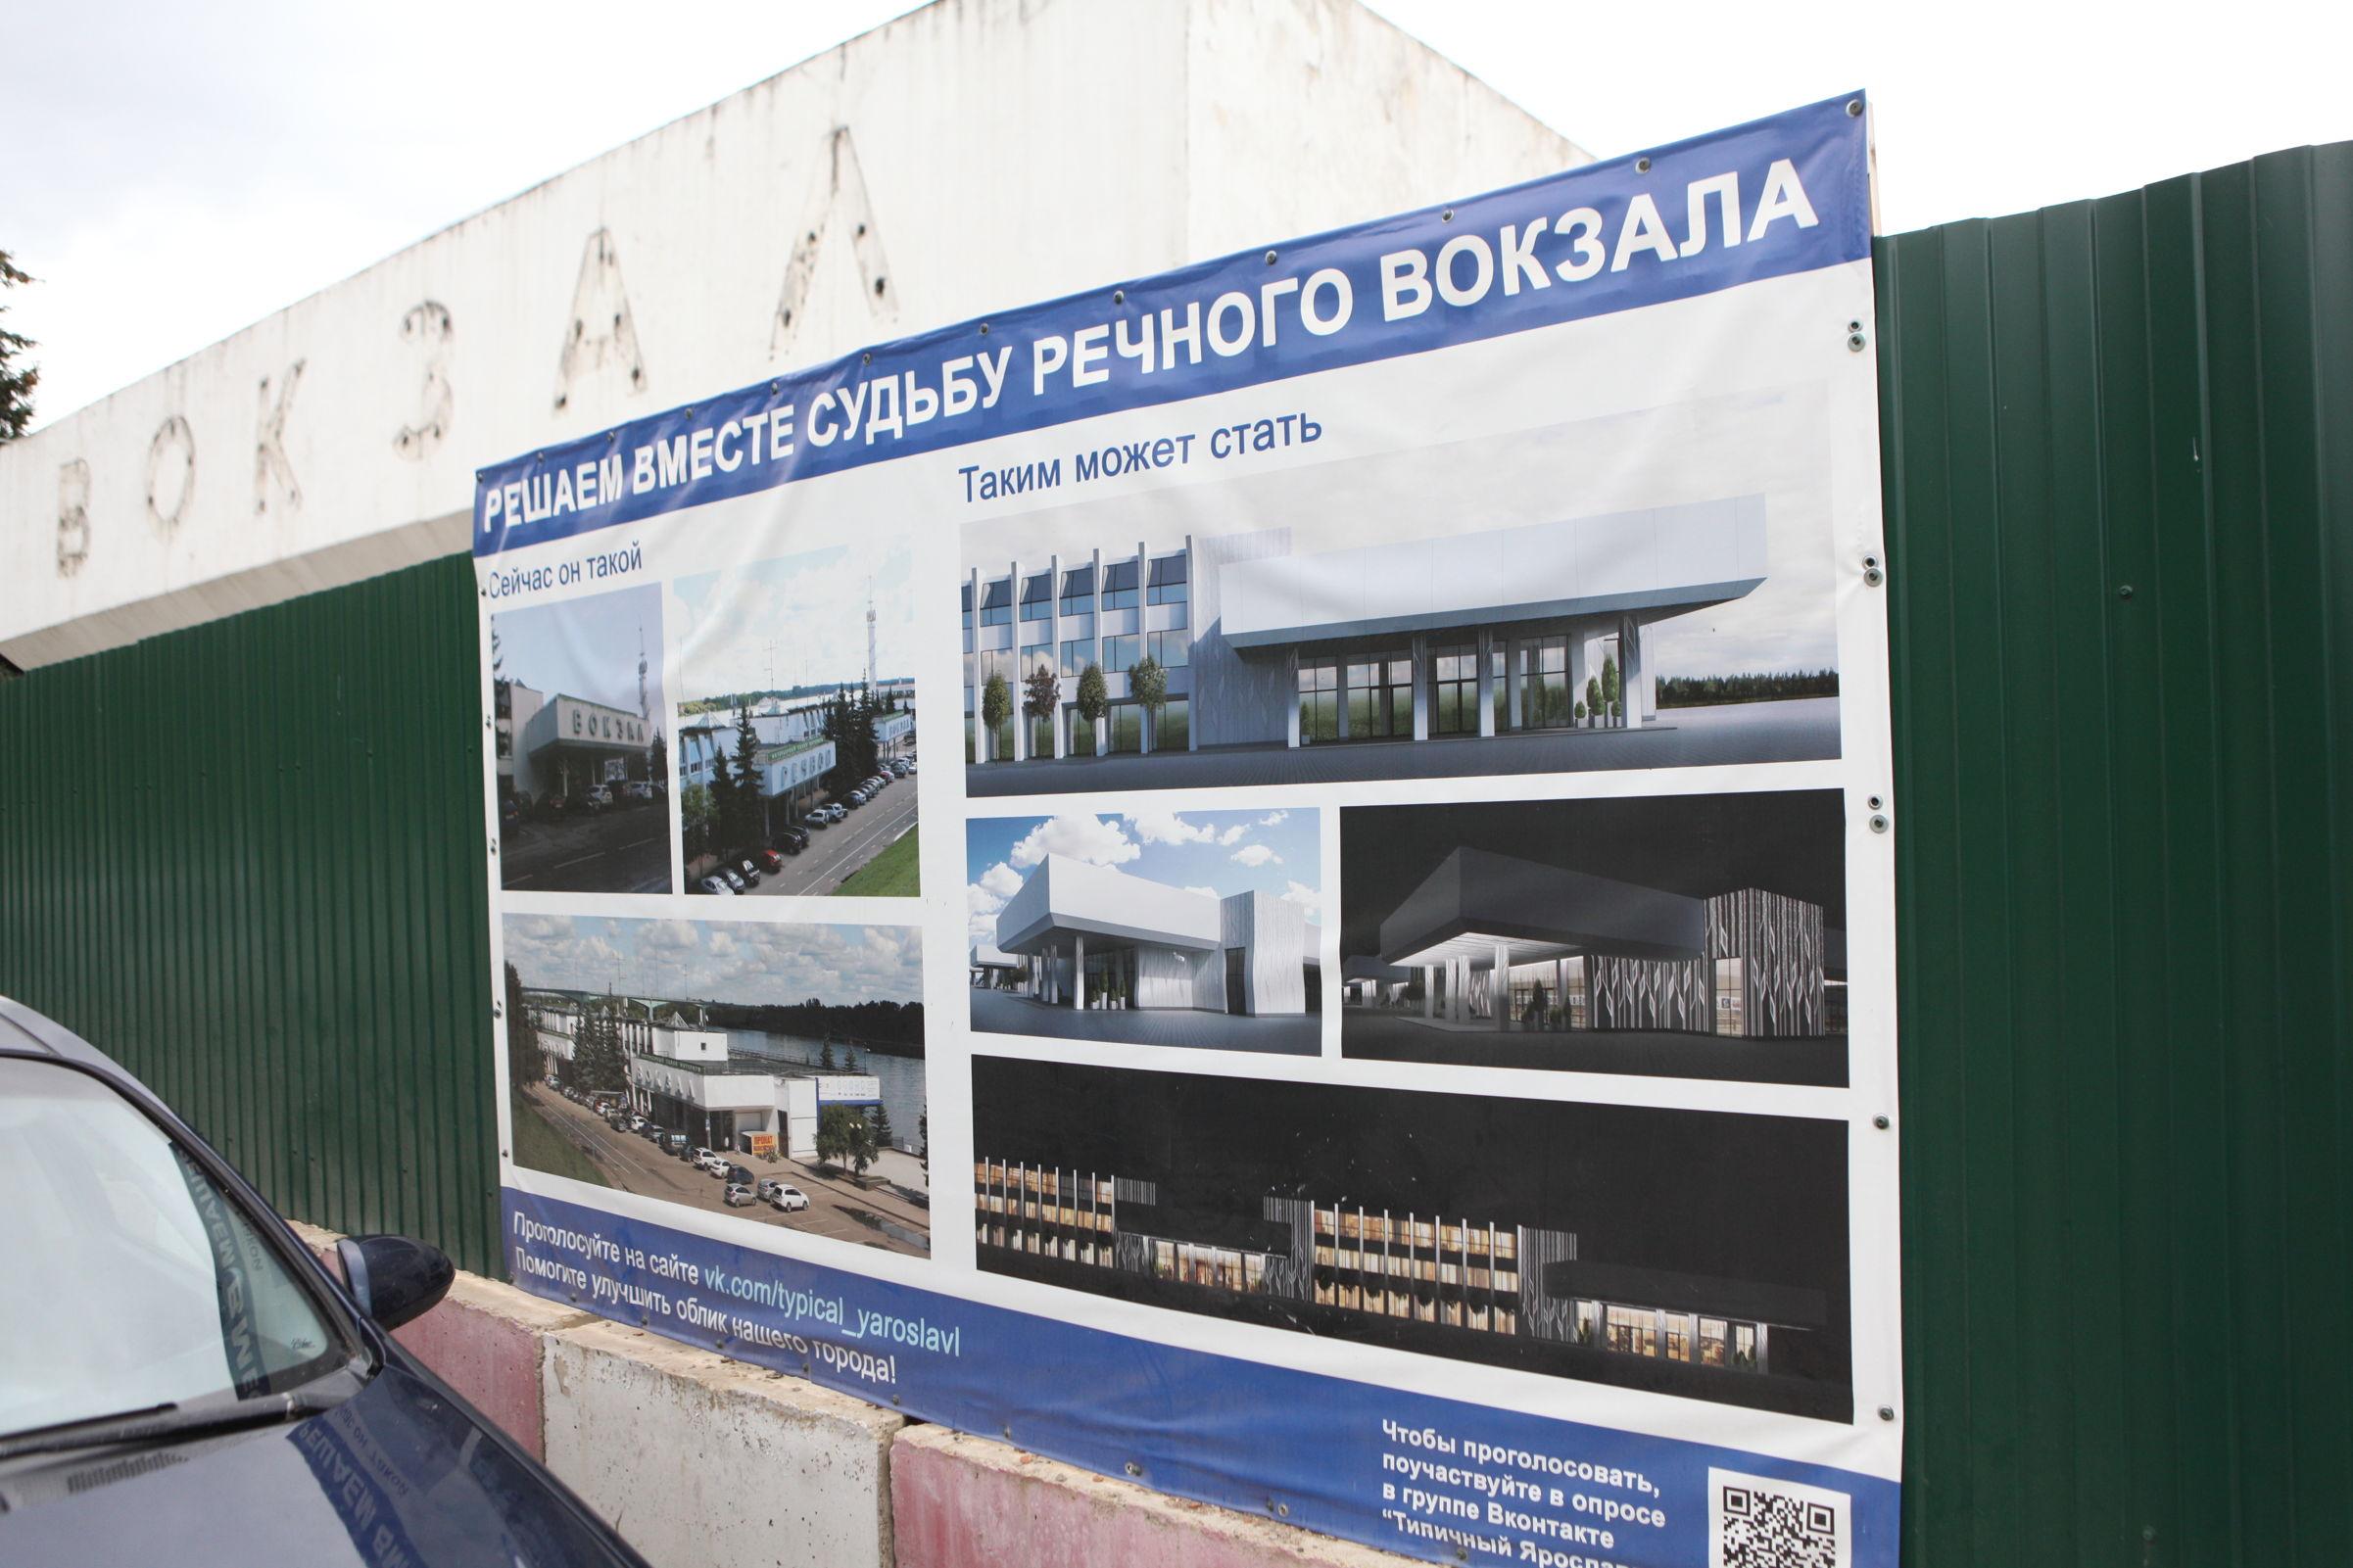 Вокзал – на экспертизу. Общественники требуют сохранить фасады Ярославского речного вокзала в неприкосновенности